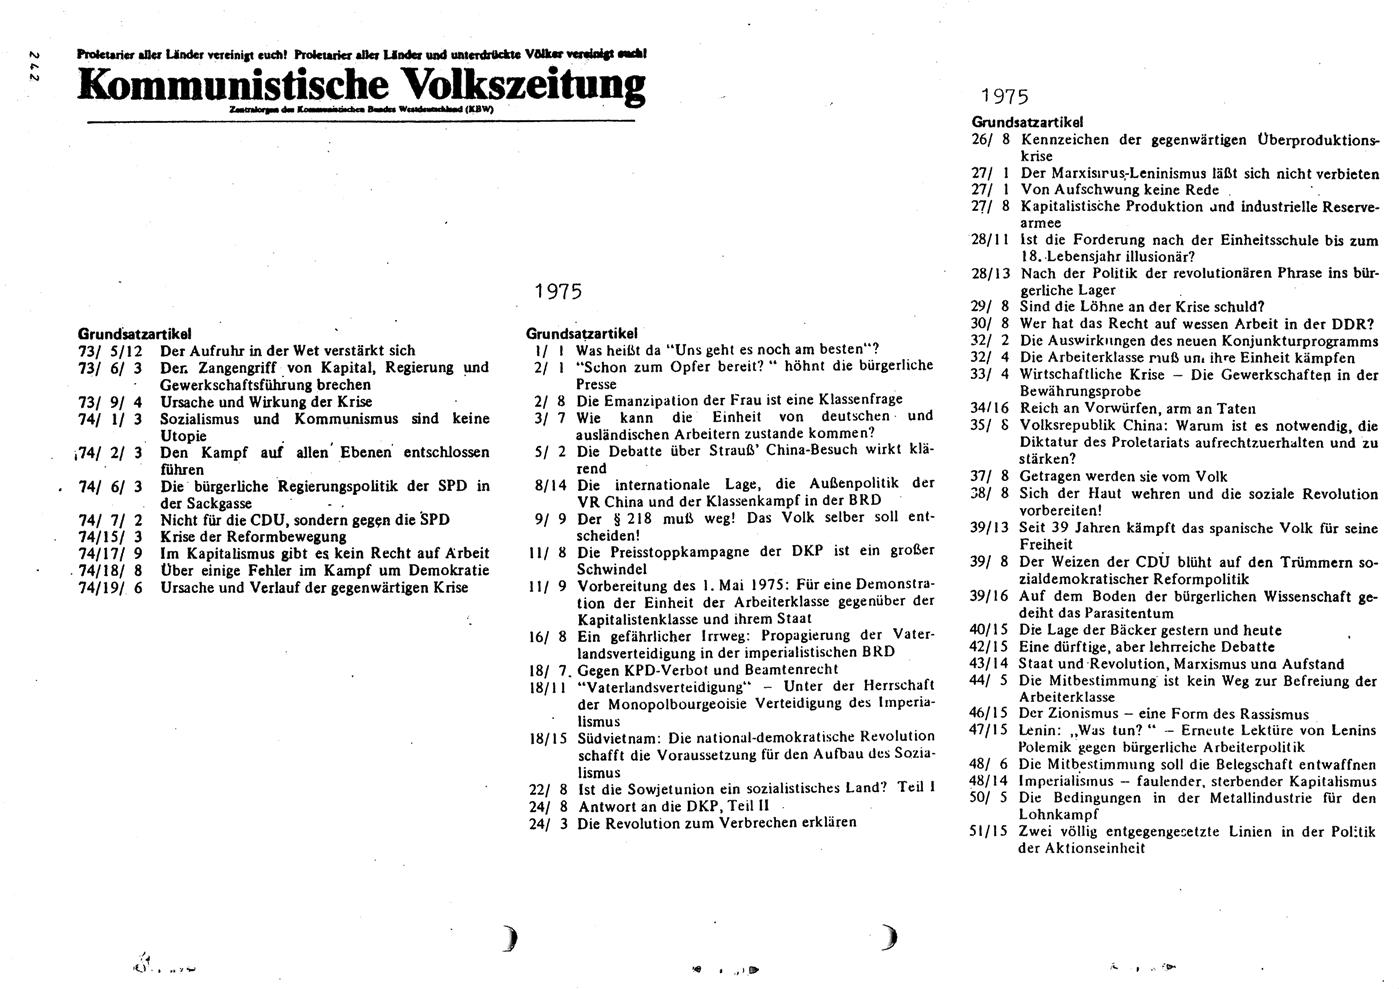 KABRW_Arbeitshefte_1978_31_122